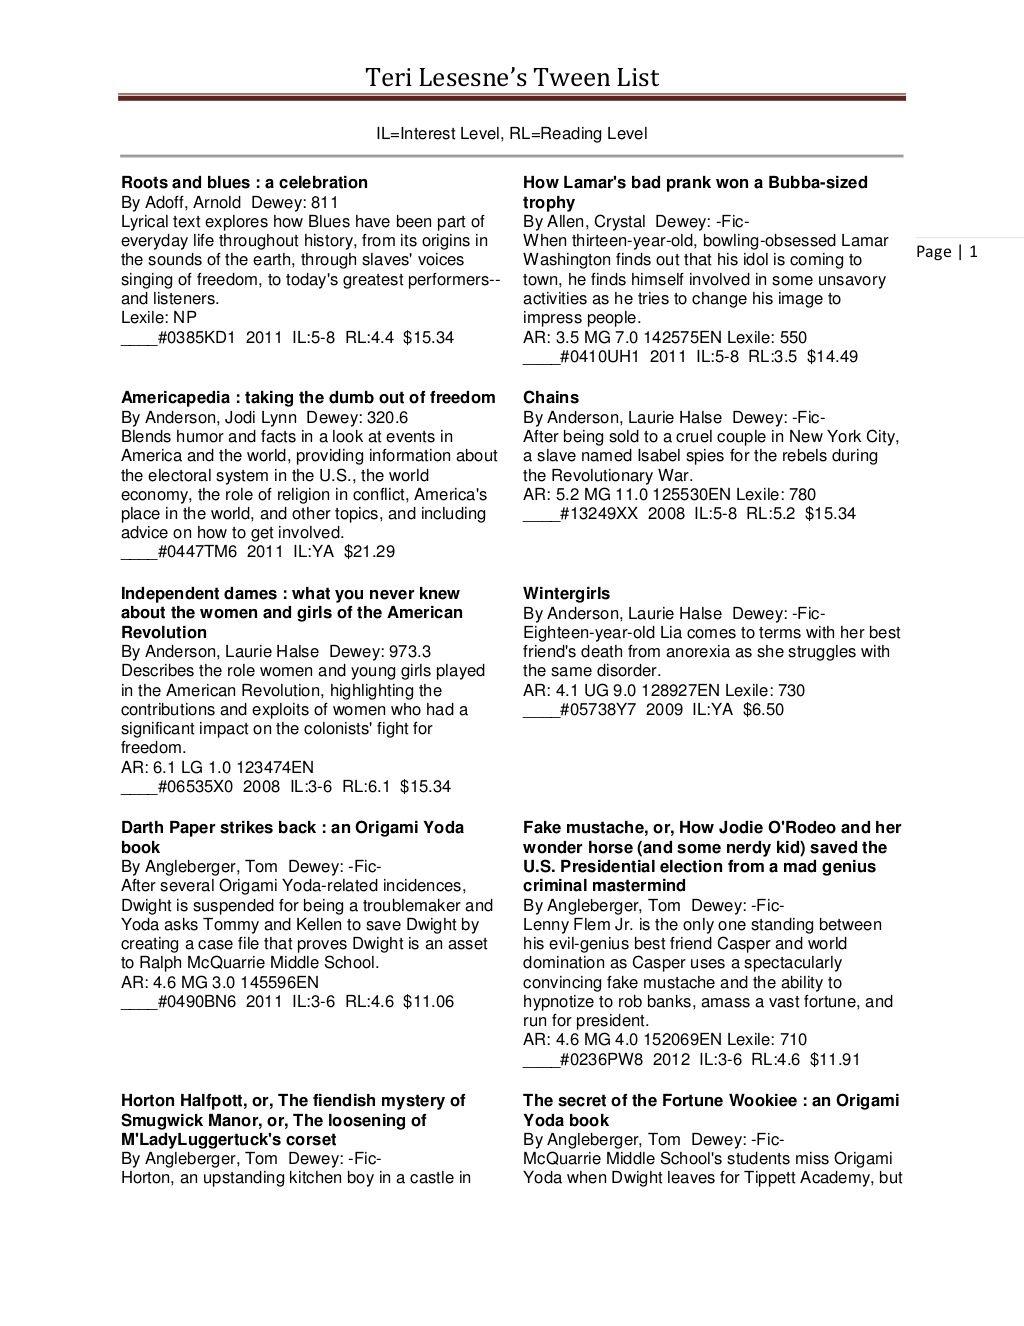 Tween List Ohio By Teri Lesesne Via Slideshare Teri Lesene